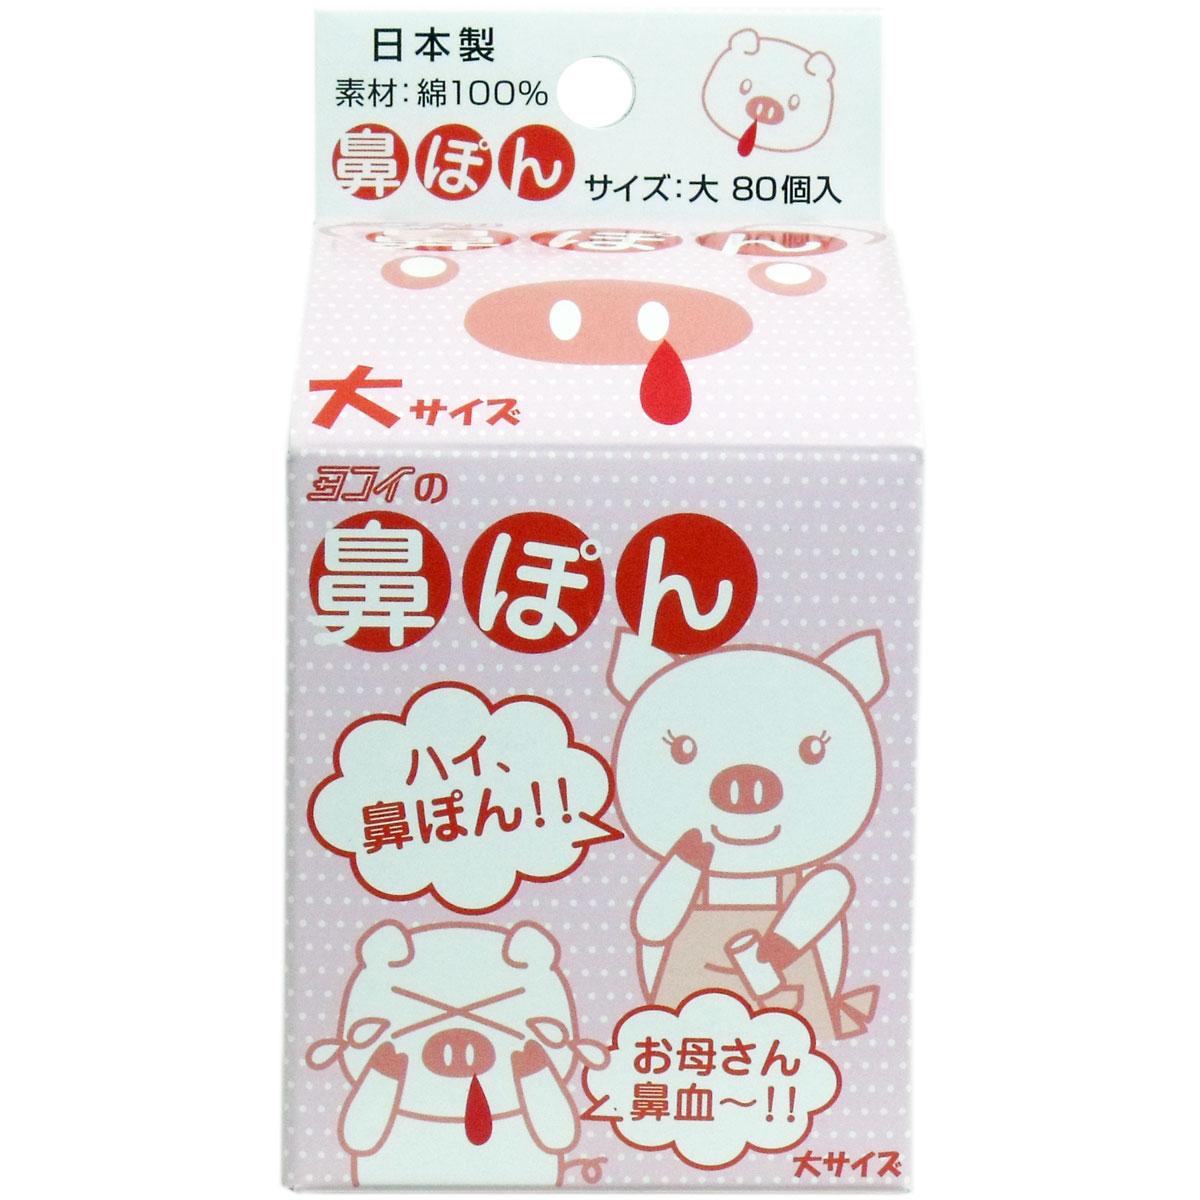 鼻ぽん (お母さん鼻血) 大サイズ 80個入